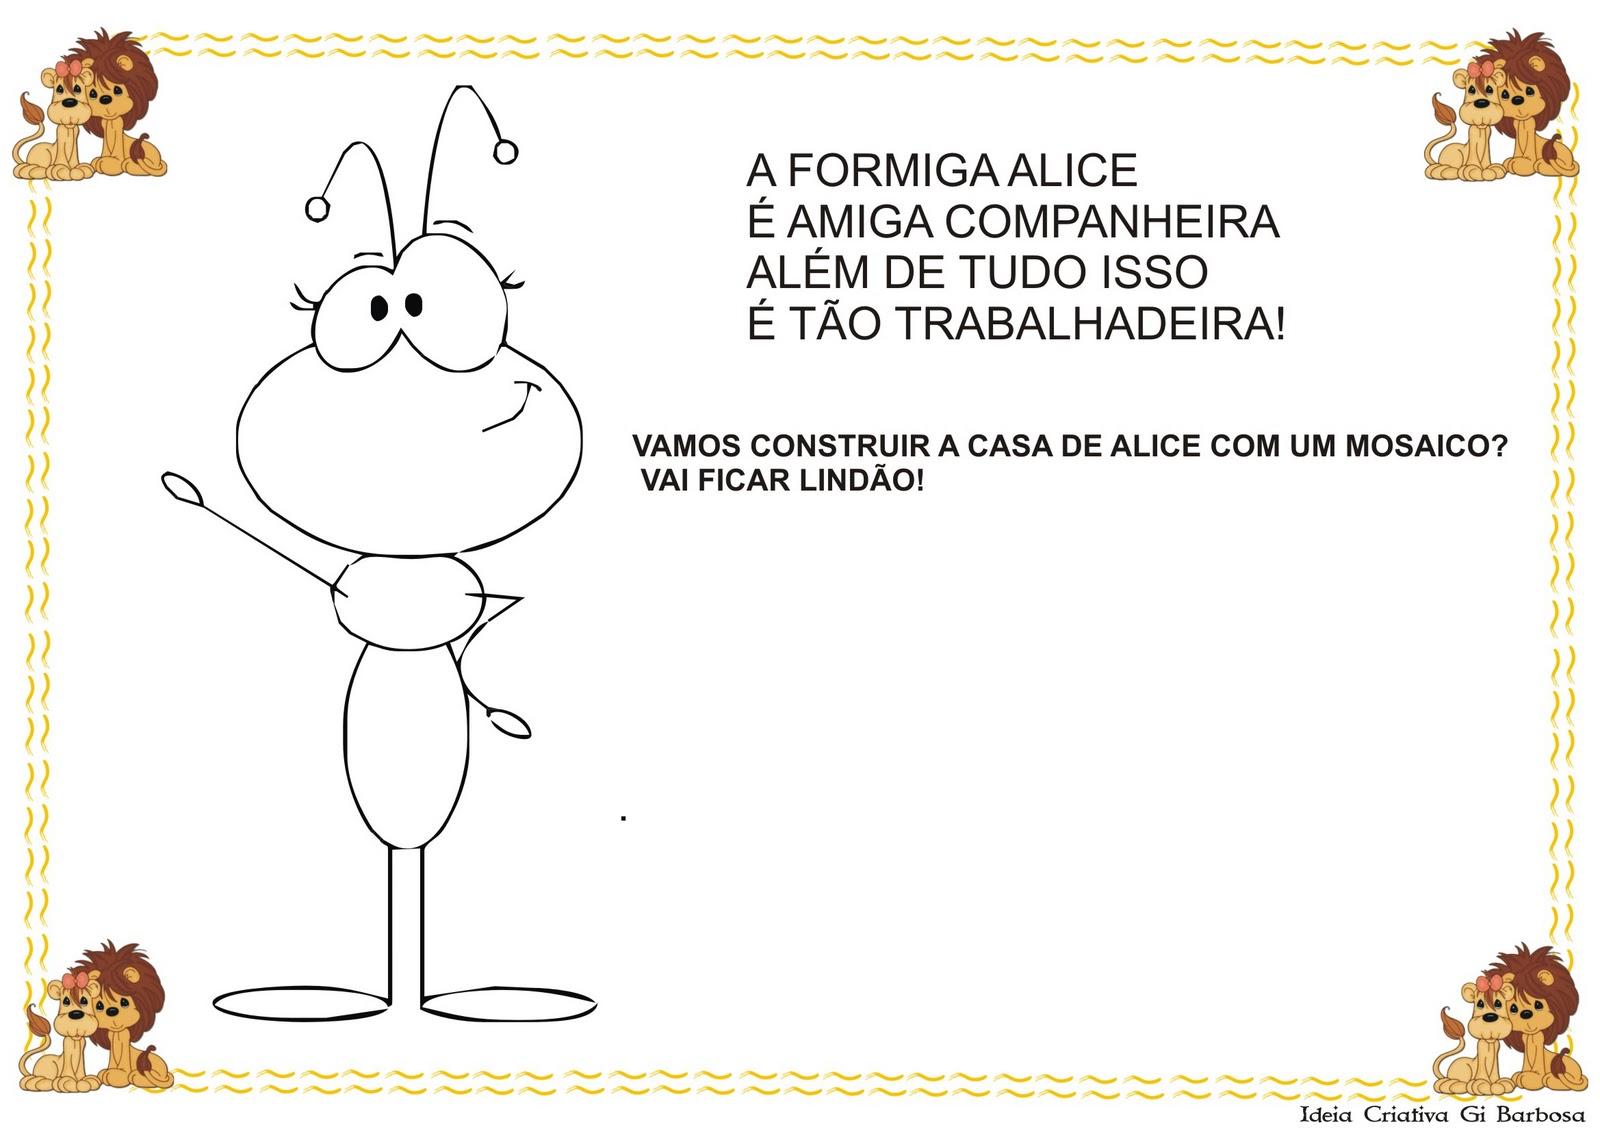 Excepcional Atividades Projeto Animal Maternal | Ideia Criativa - Gi Barbosa  RM08